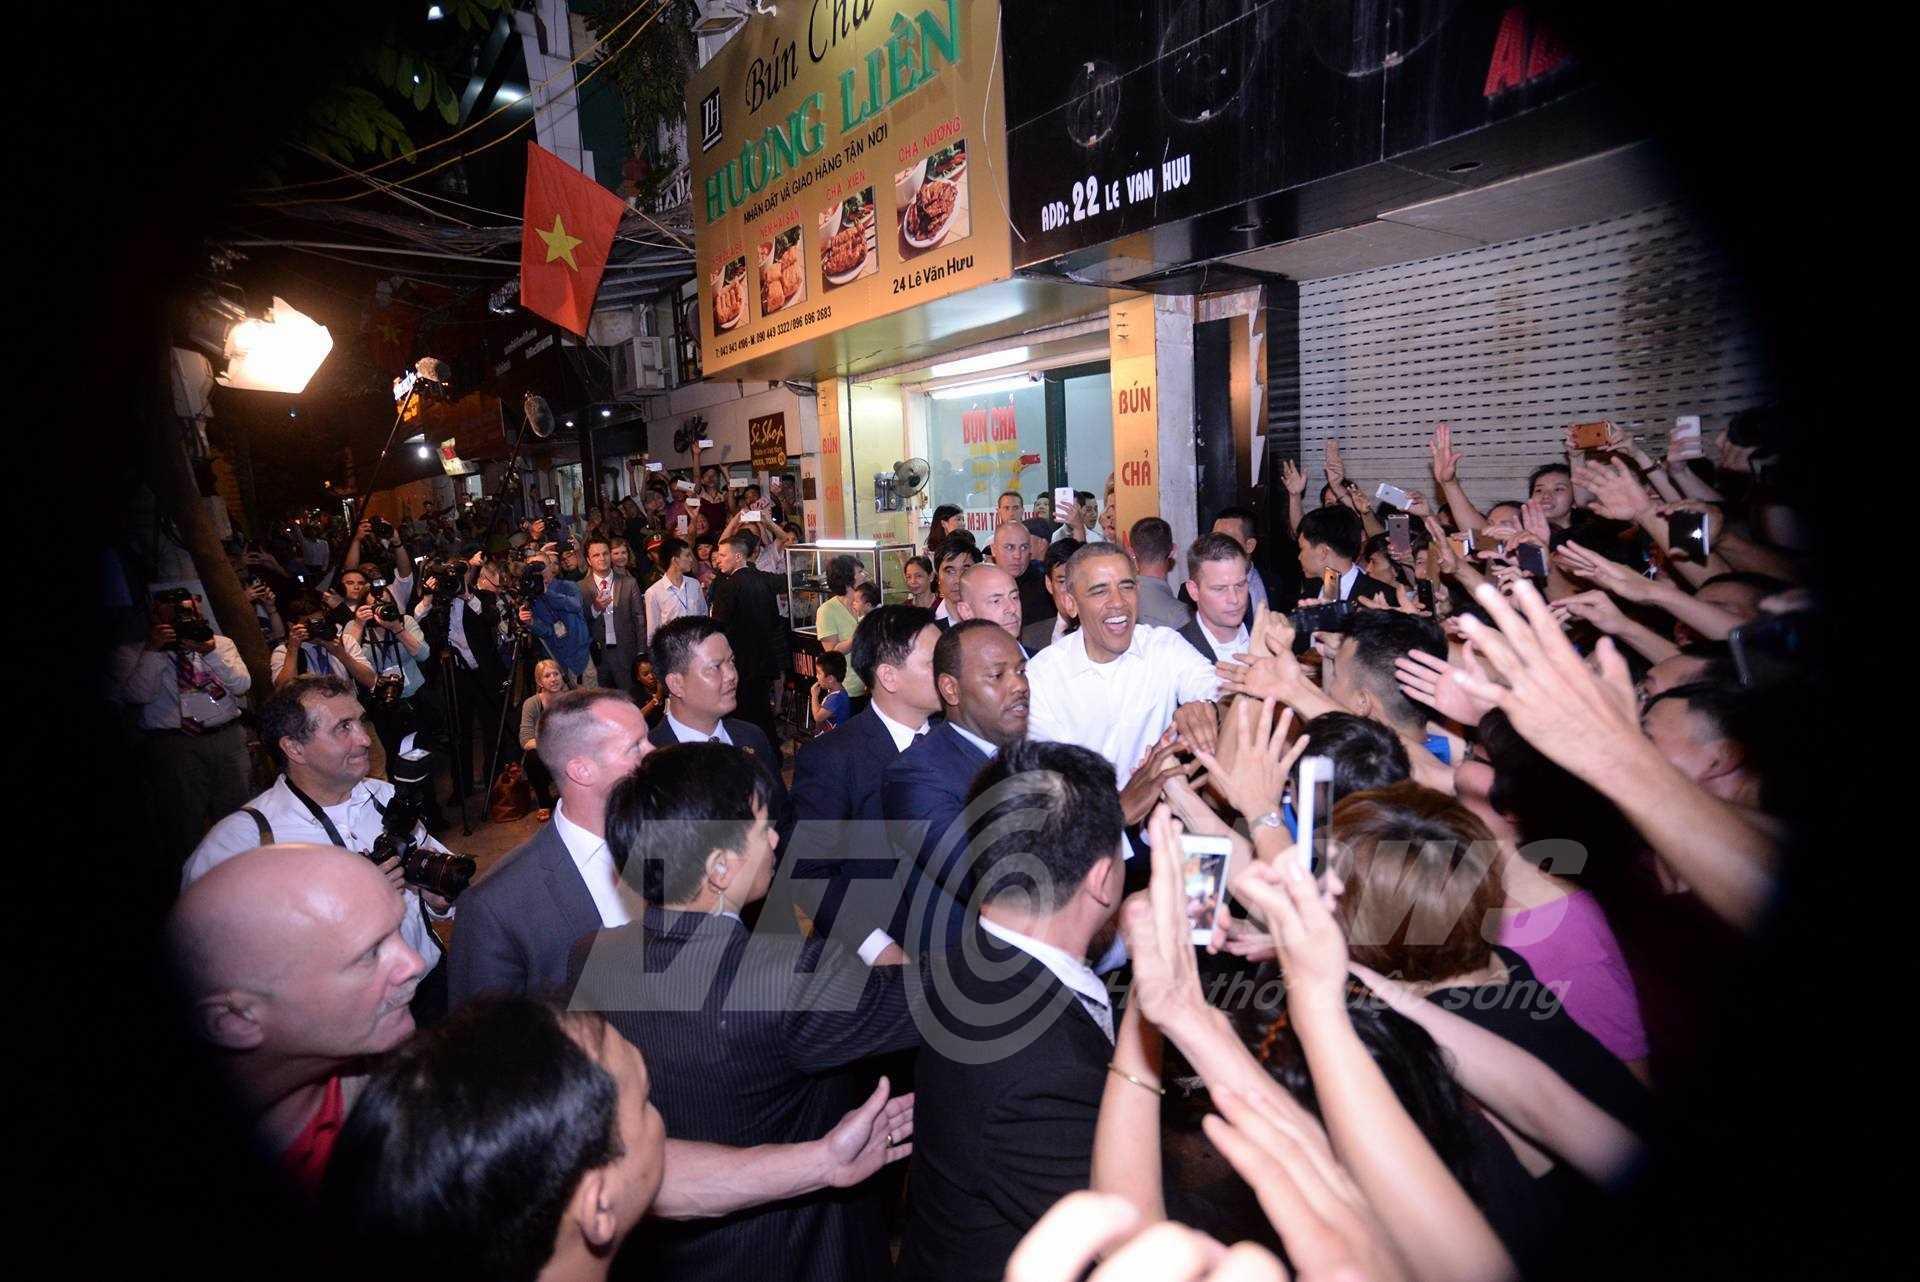 Ông chủ Nhà Trắng vui vẻ chạm tay với người dân (Ảnh: Tùng Đinh)